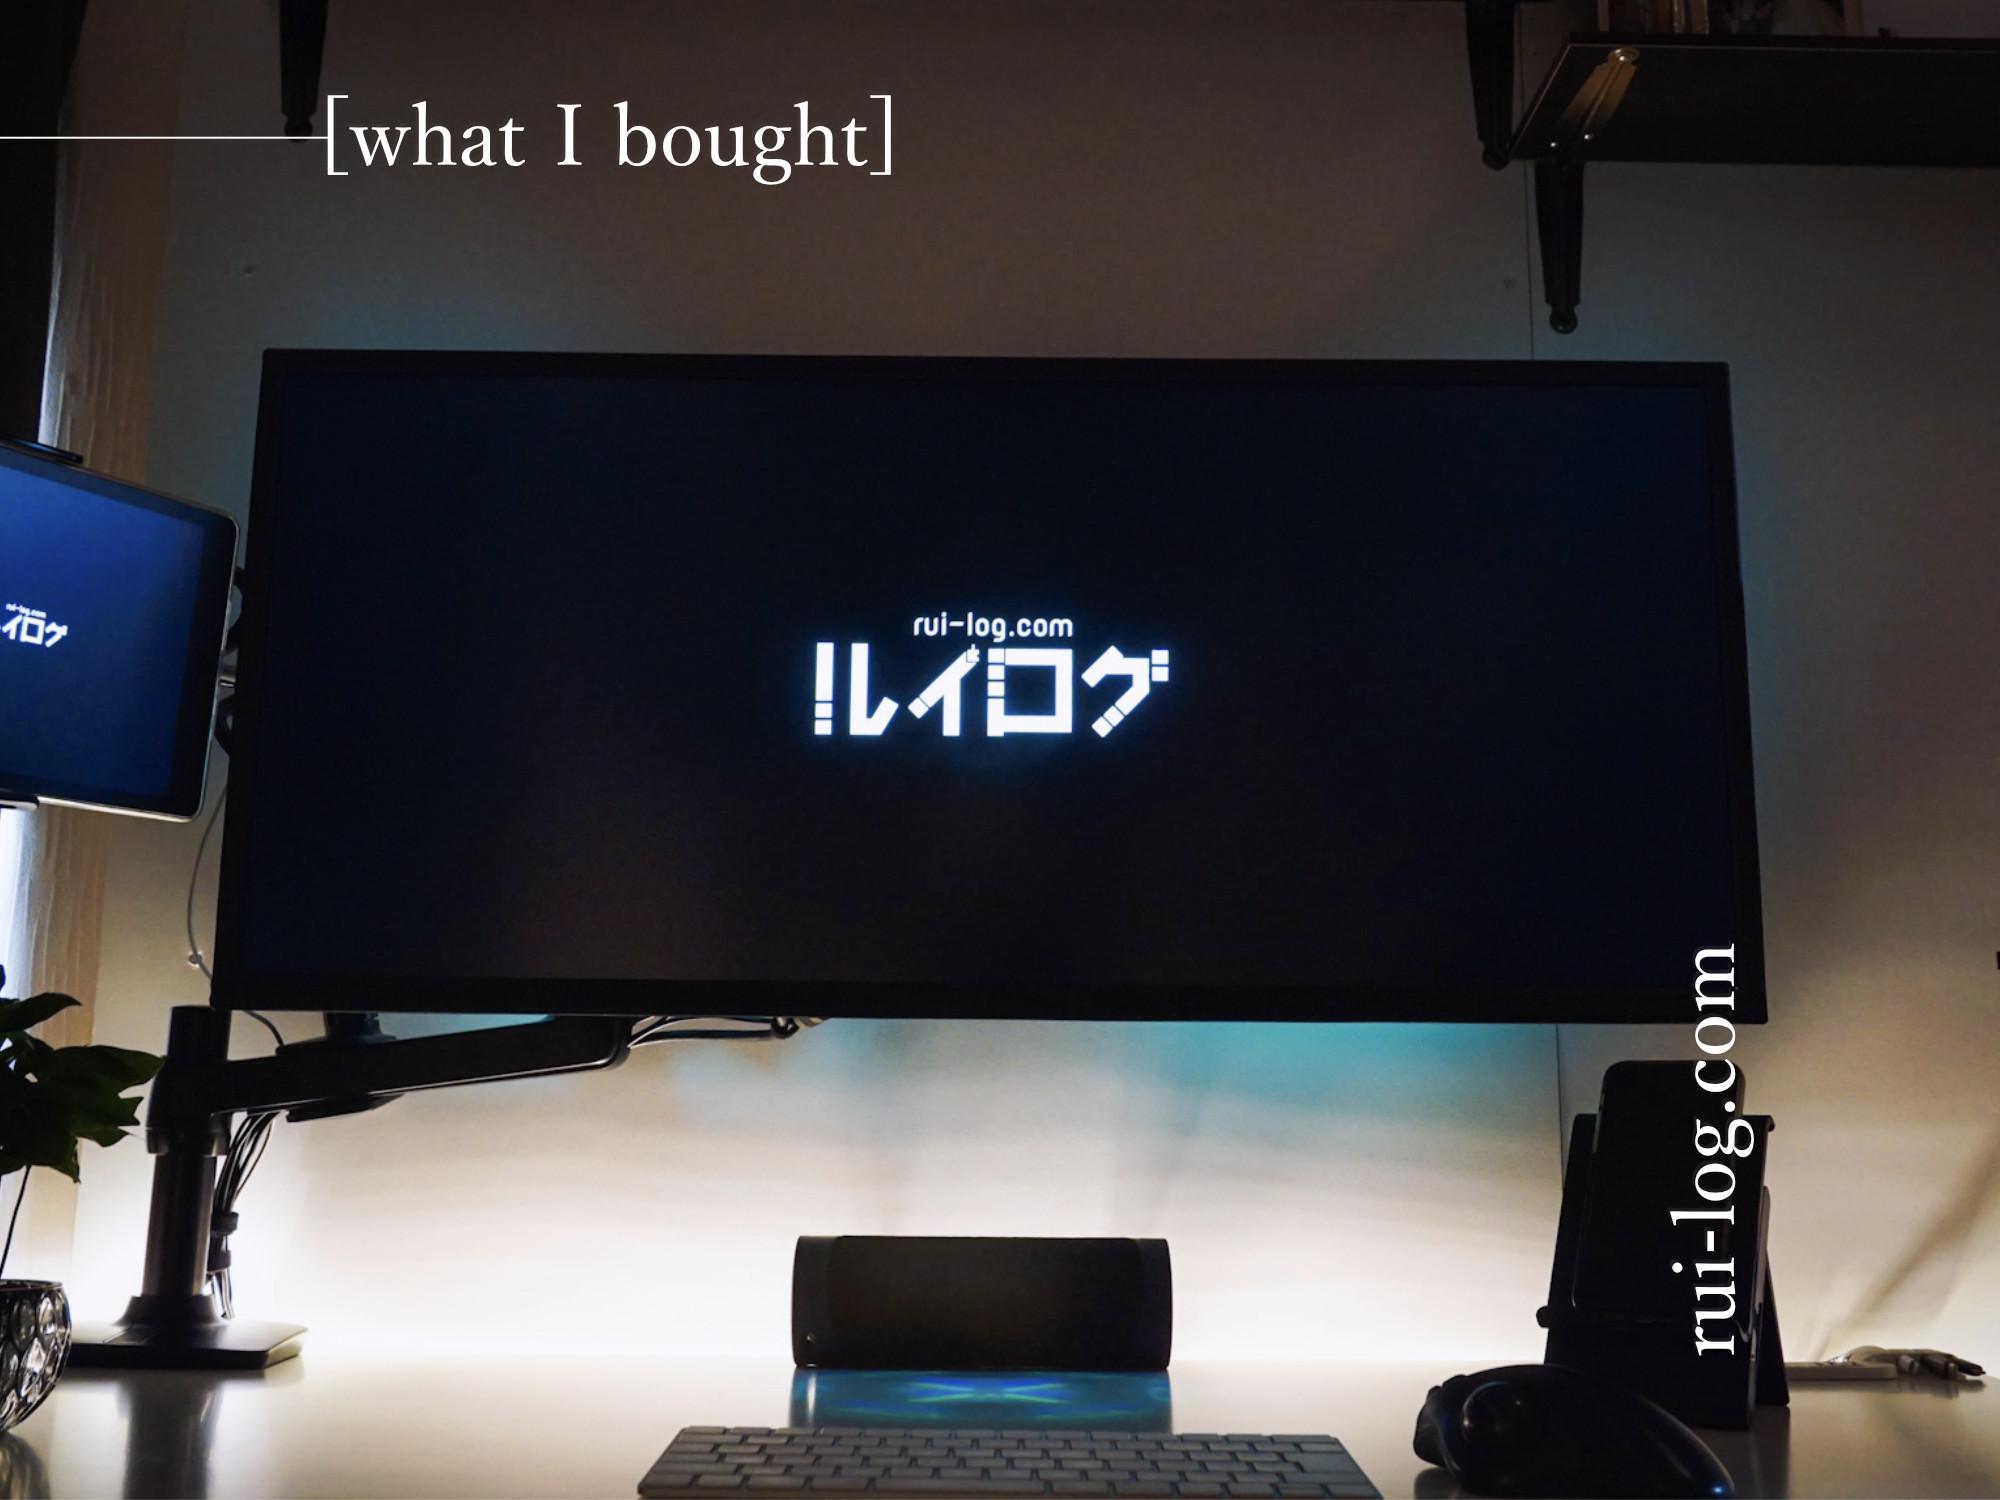 2021年3月にルイログが買ったモノ、読んだモノ